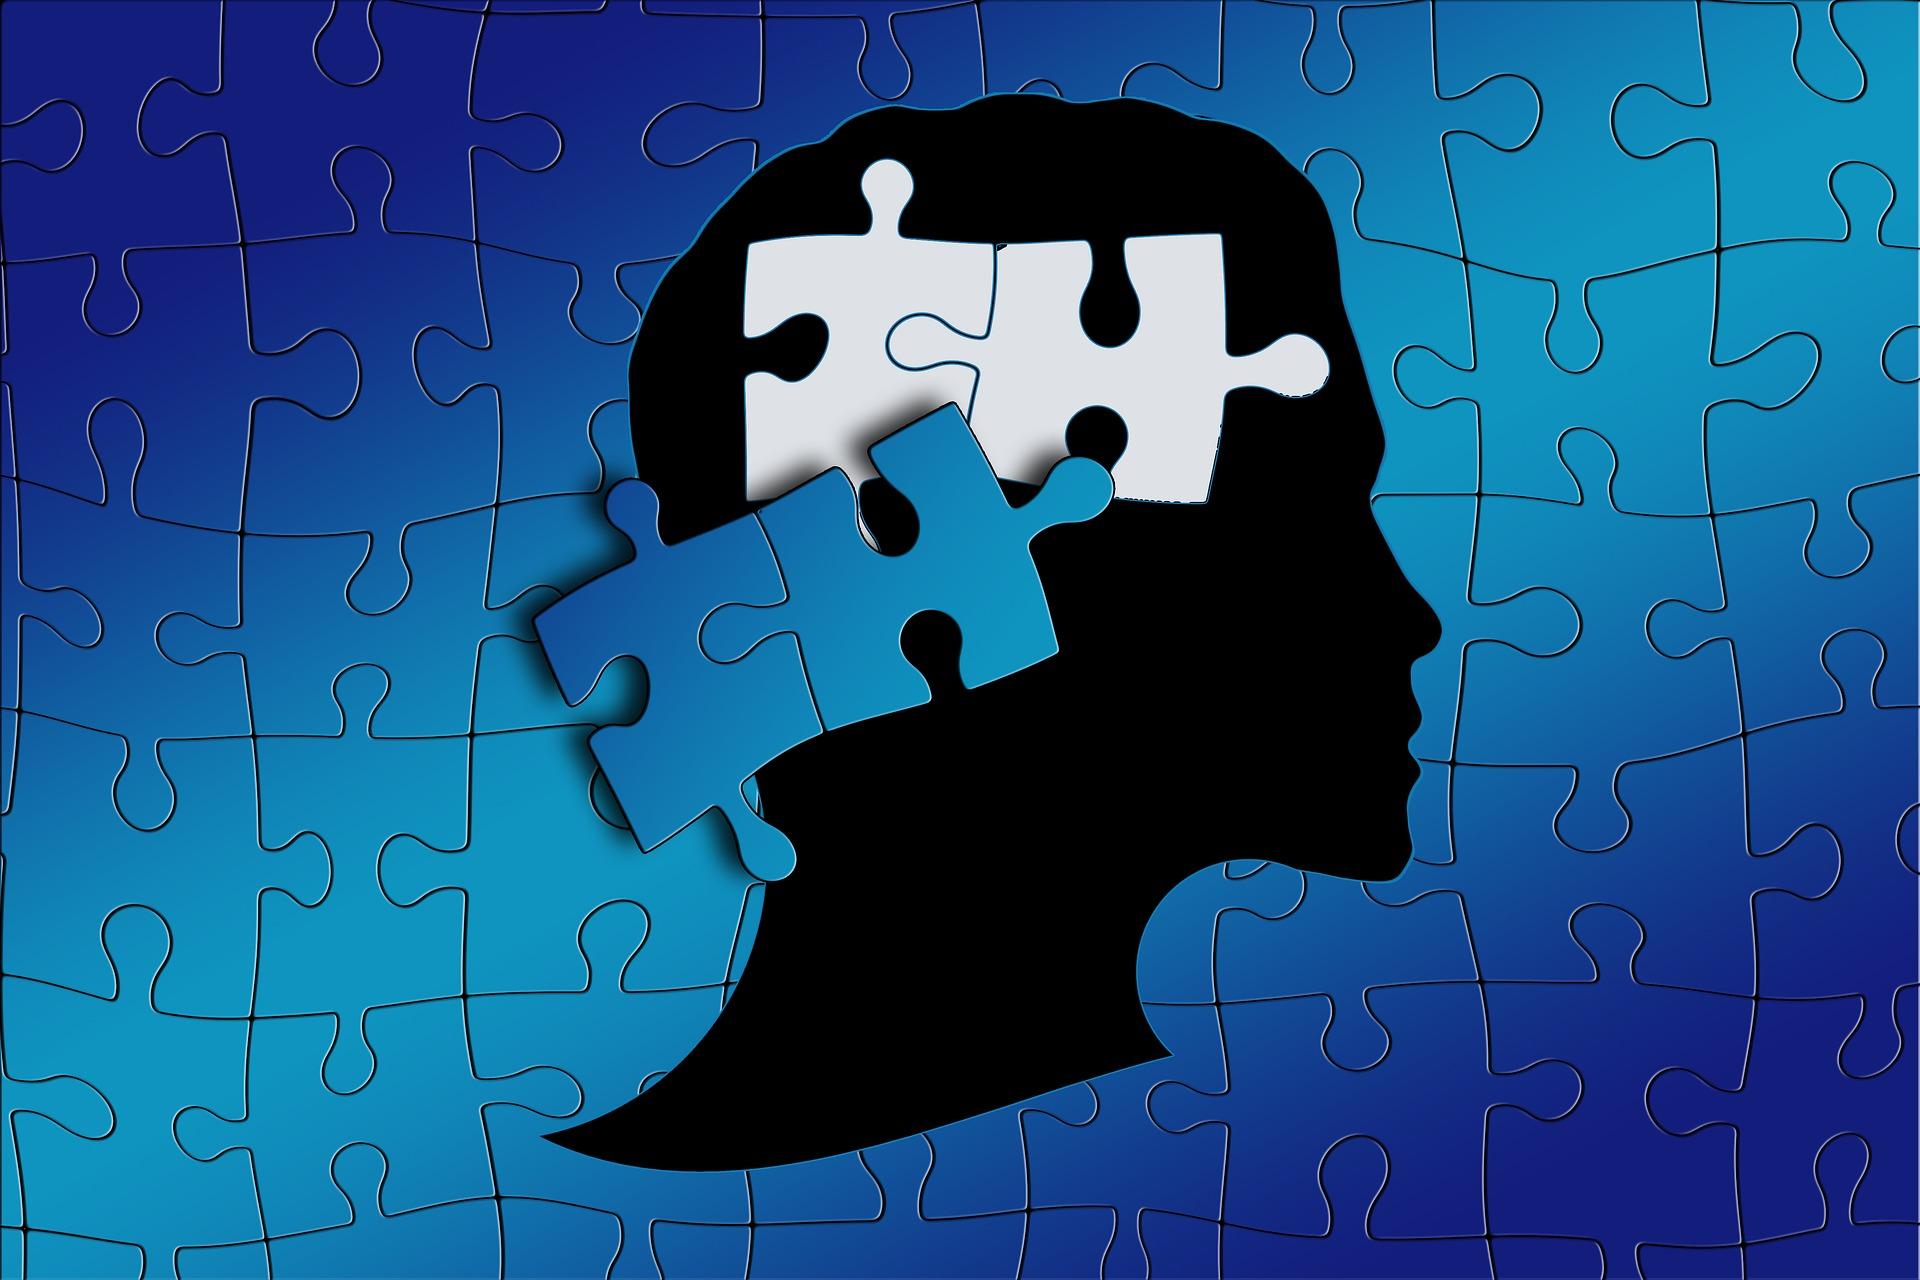 記憶力を高める方法 ~ヒグビーの理論で記憶に残すコツを身につける!